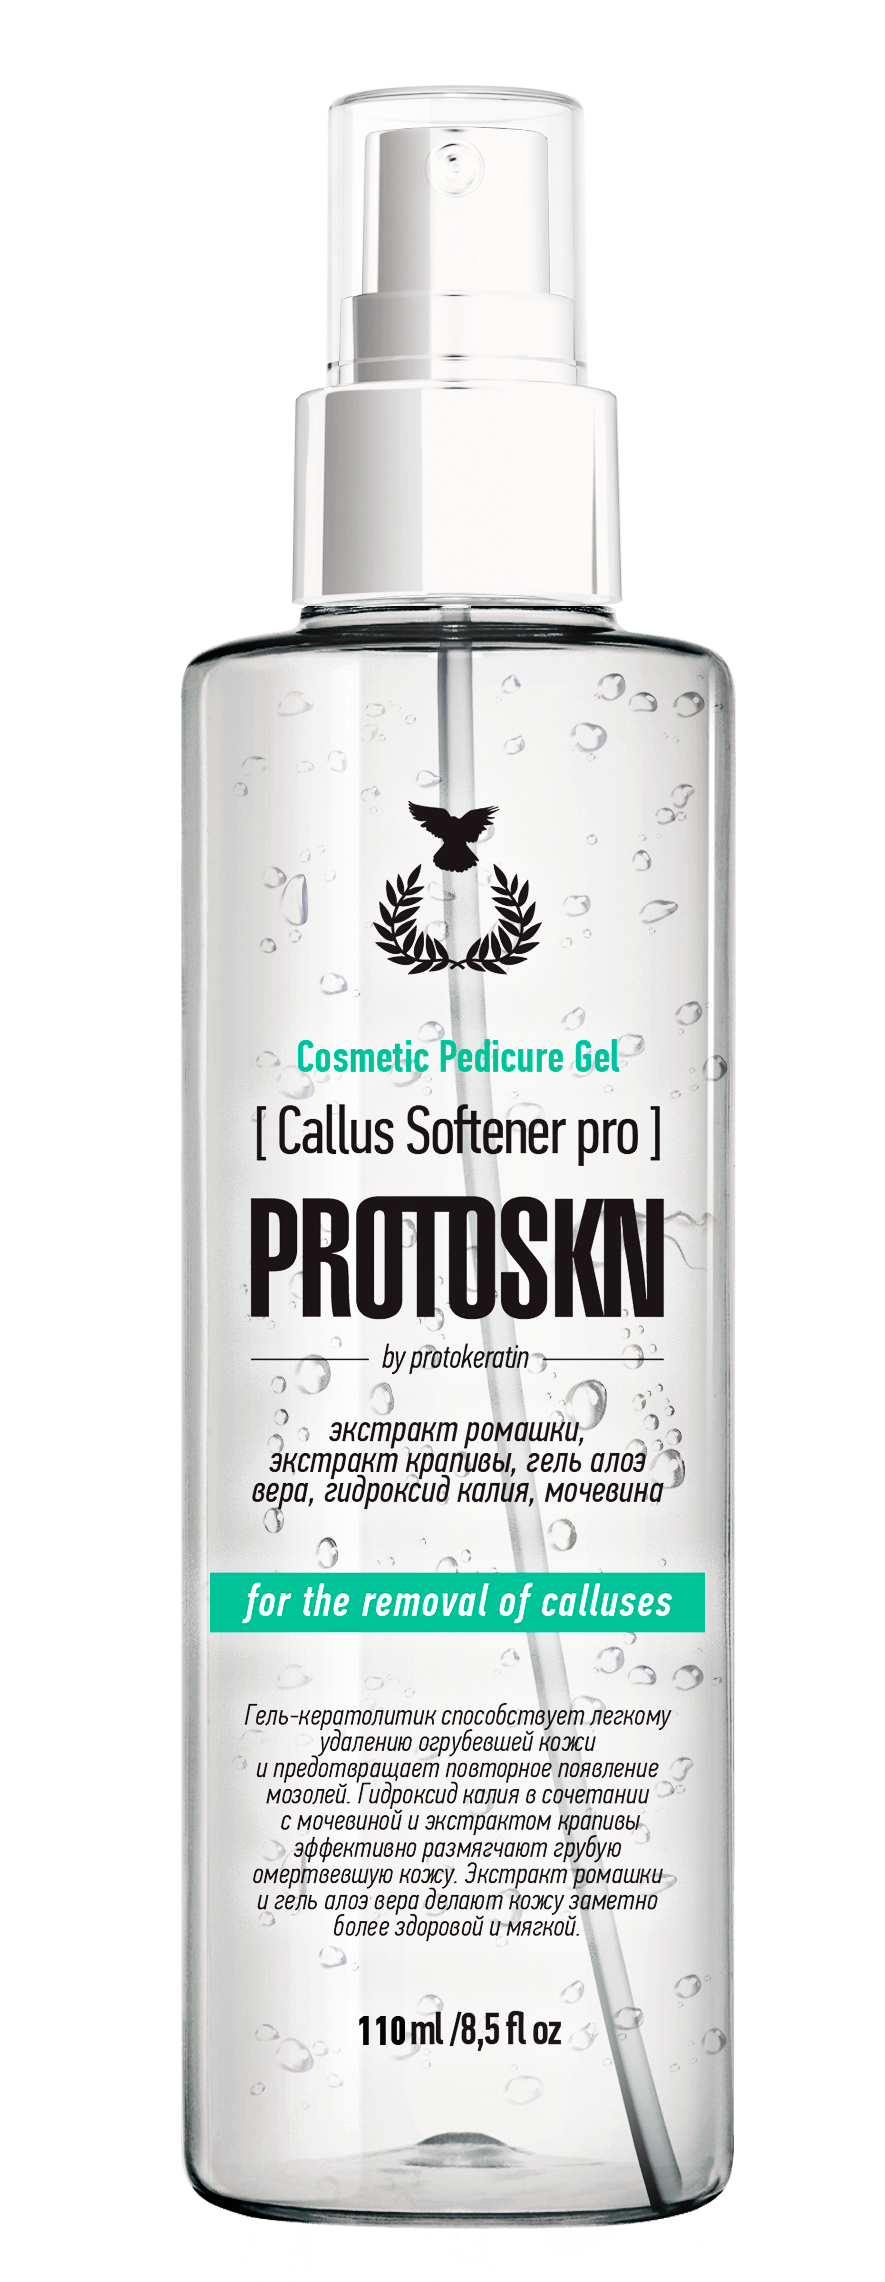 PROTOKERATIN Гель-кератолитик для удаления мозолей и натоптышей / ProtoSKN Callus Softener, 110 мл -  Размягчители для педикюра